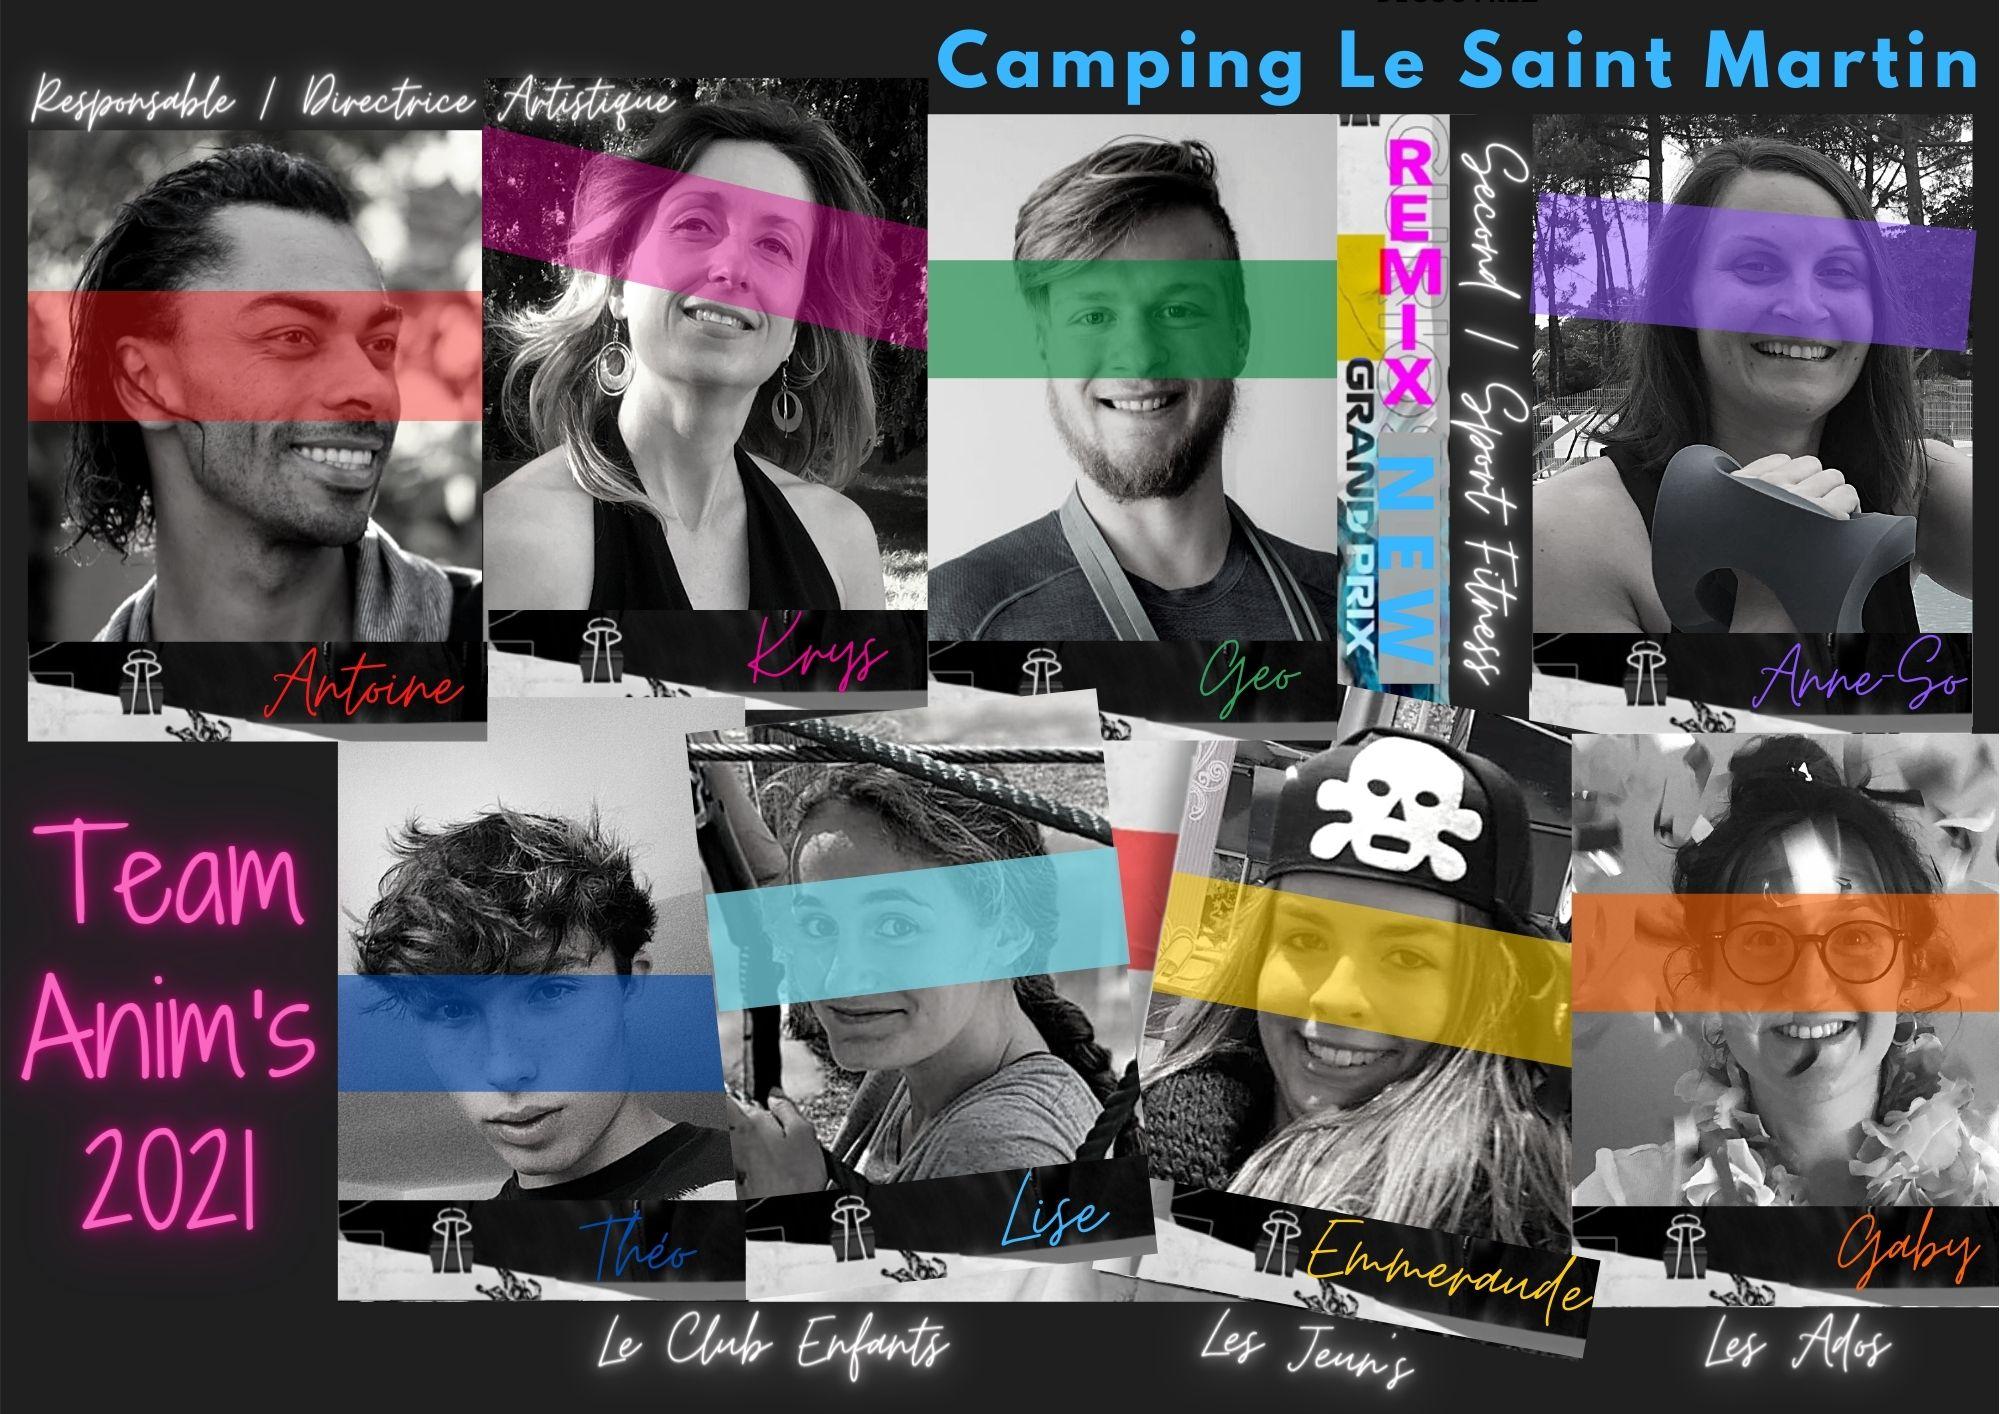 Le Saint Martin 2021! Le Retour de la Team Anim's